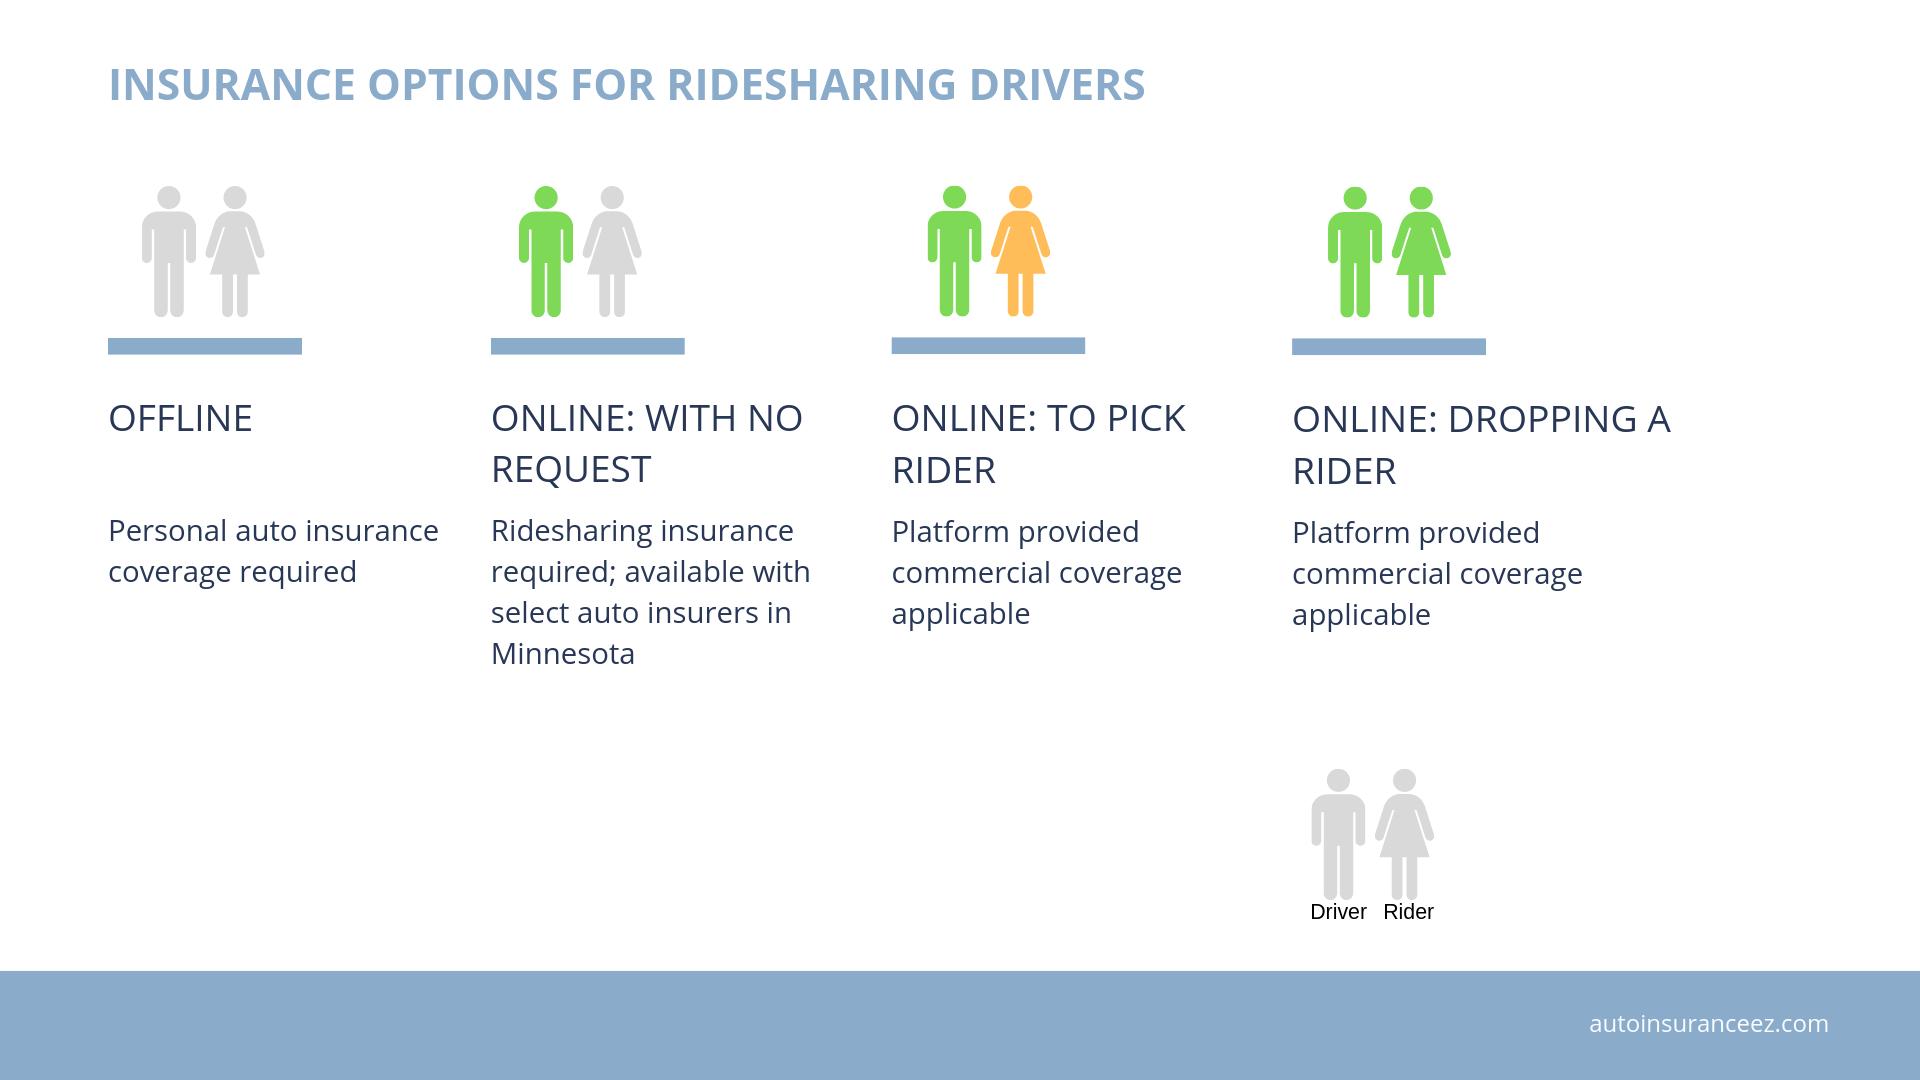 Ridesharing insurance options in Minnesota